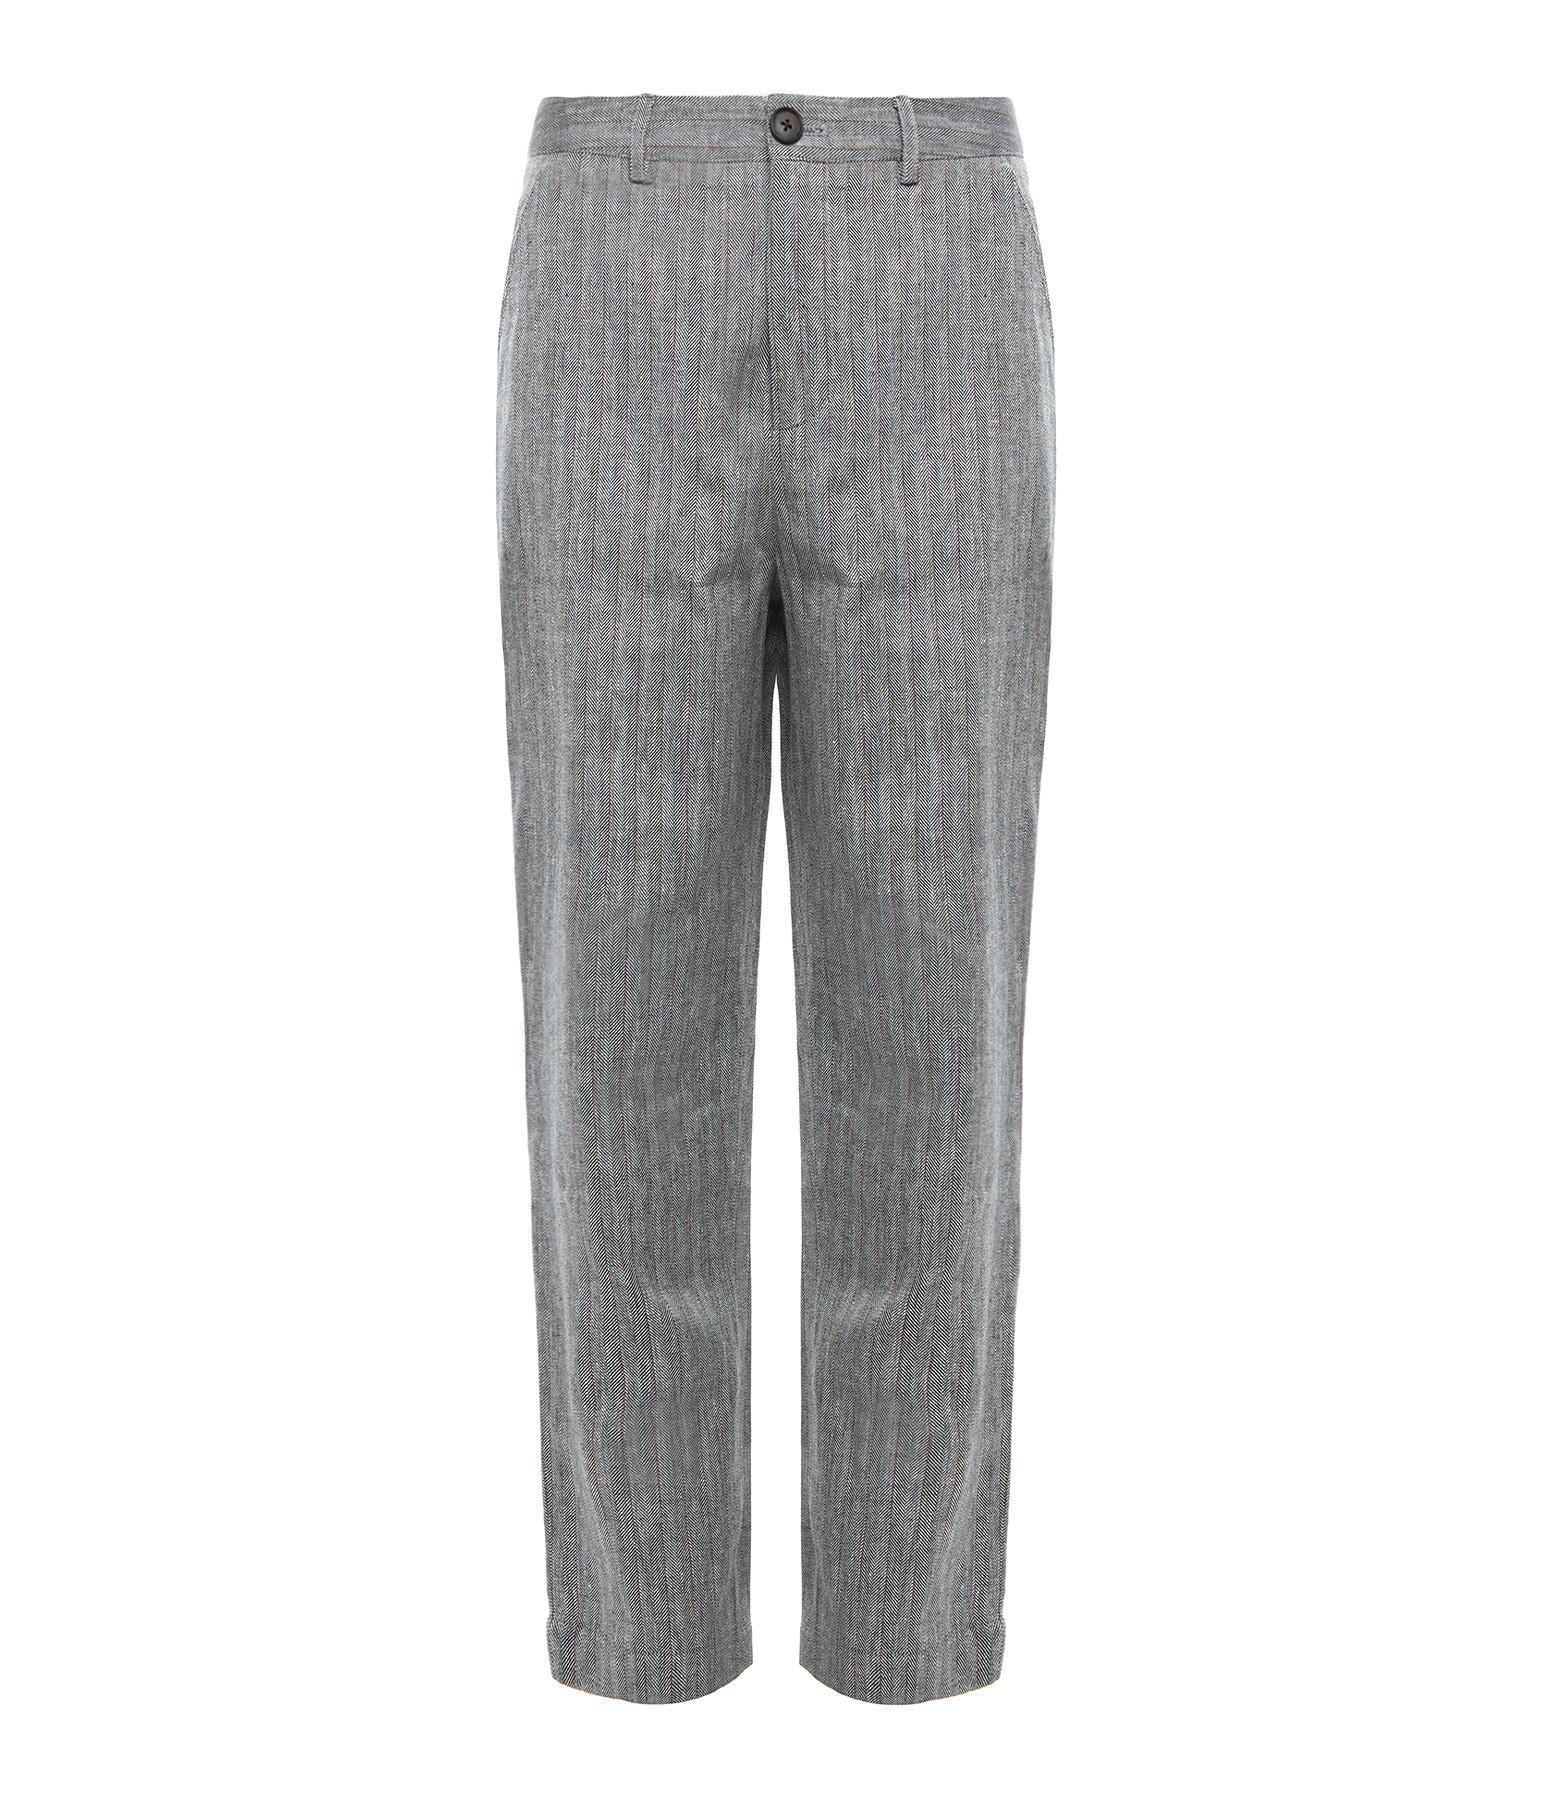 MAGALI PASCAL - Pantalon Axel Lin Coton Imprimé Chevrons Gris